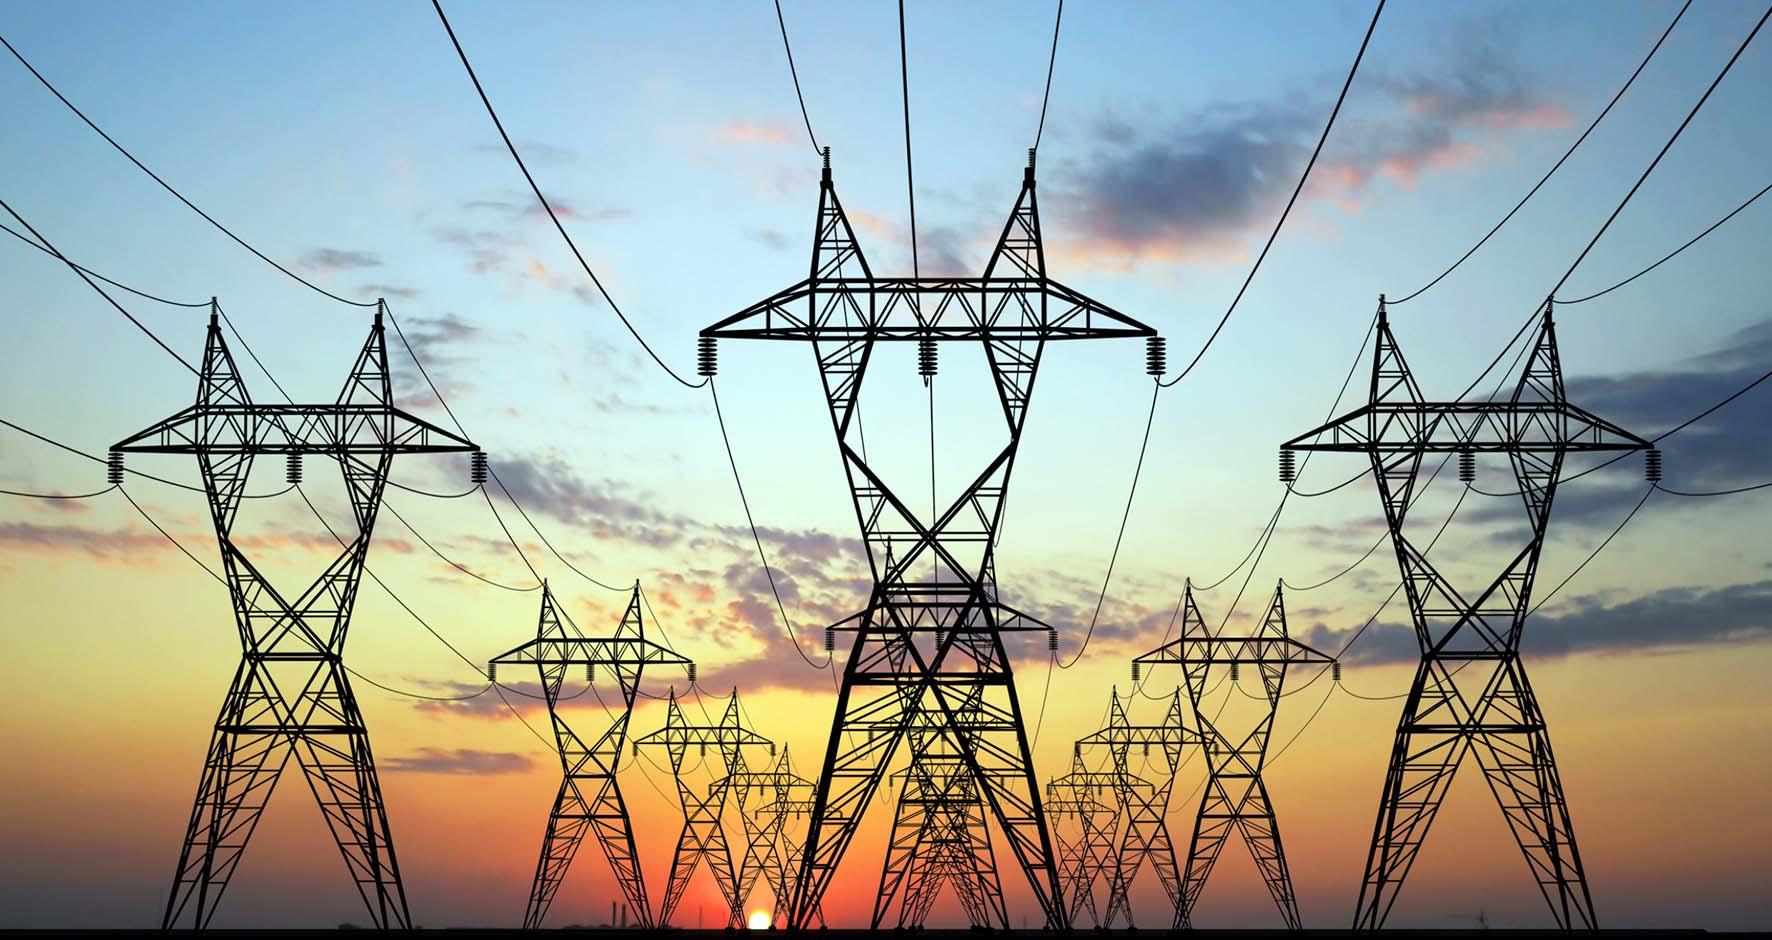 elettrodotti linee elettriche energia tramonto